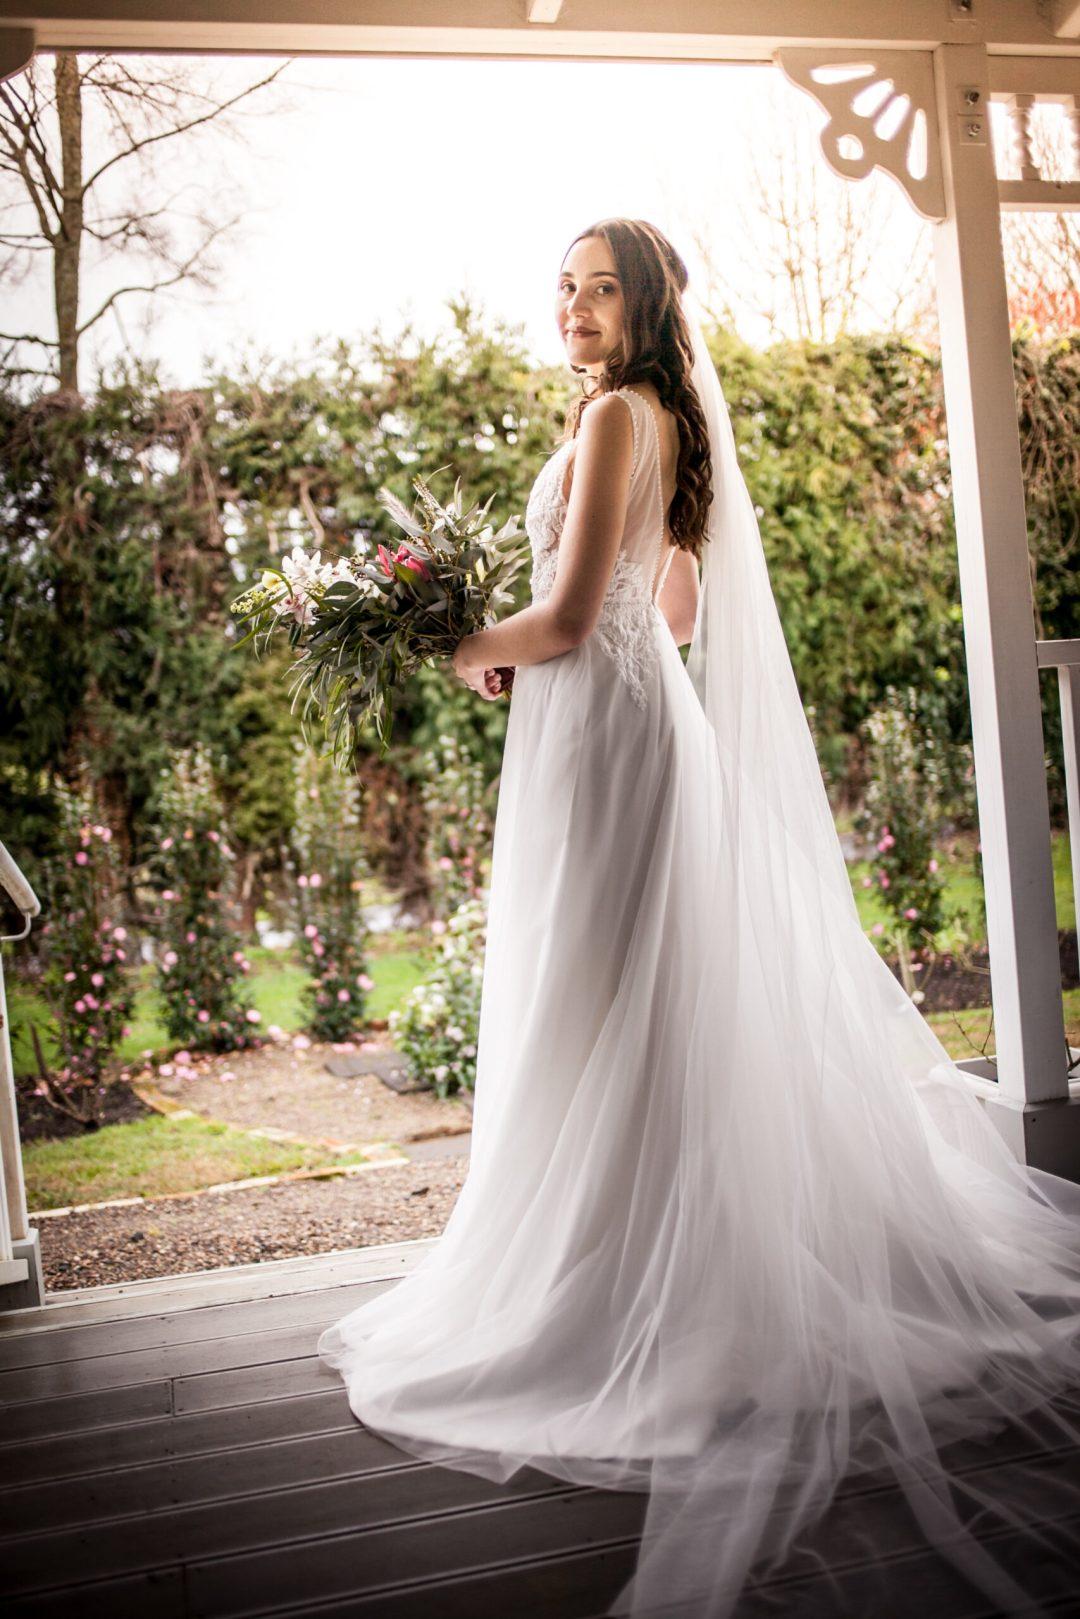 Beautiful Bride at Persimmon Lane